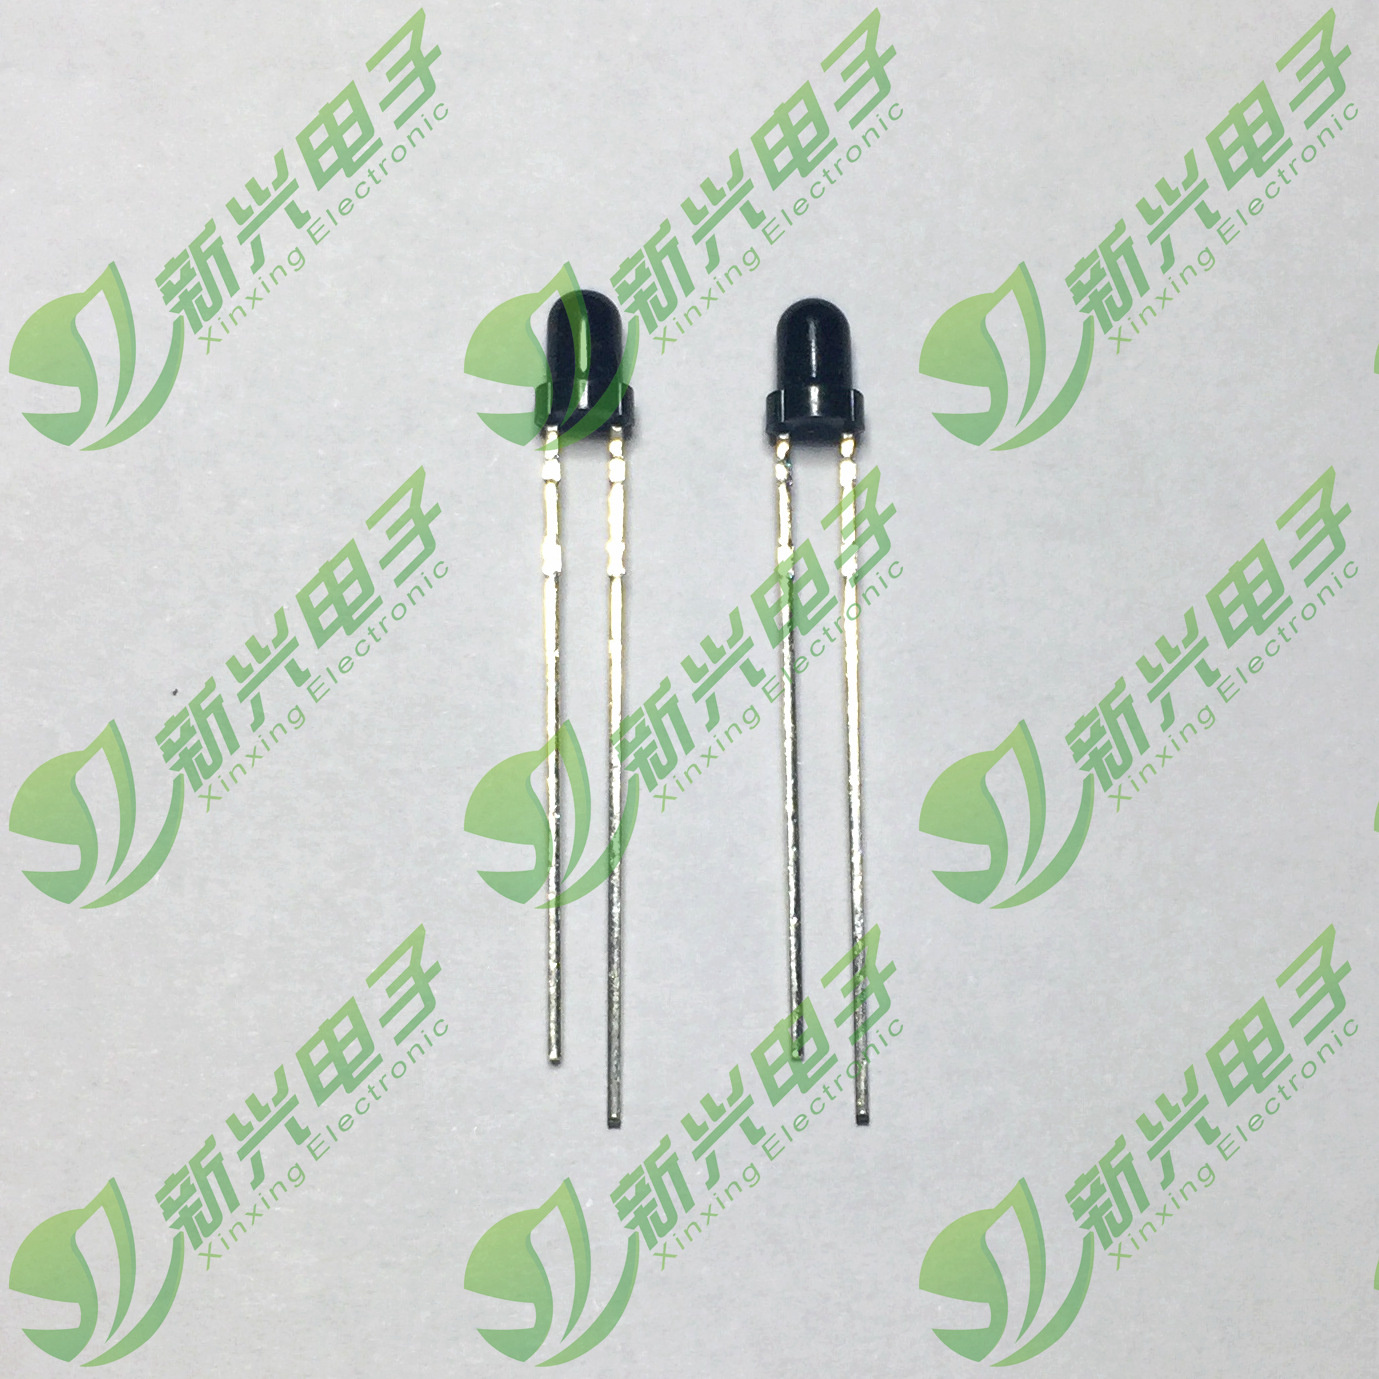 ROHM Thiết bị điện quang RPT-38PB3F Máy phát quang ROHM ROHM 3 mm 800nm ± 36 Bộ thu quang